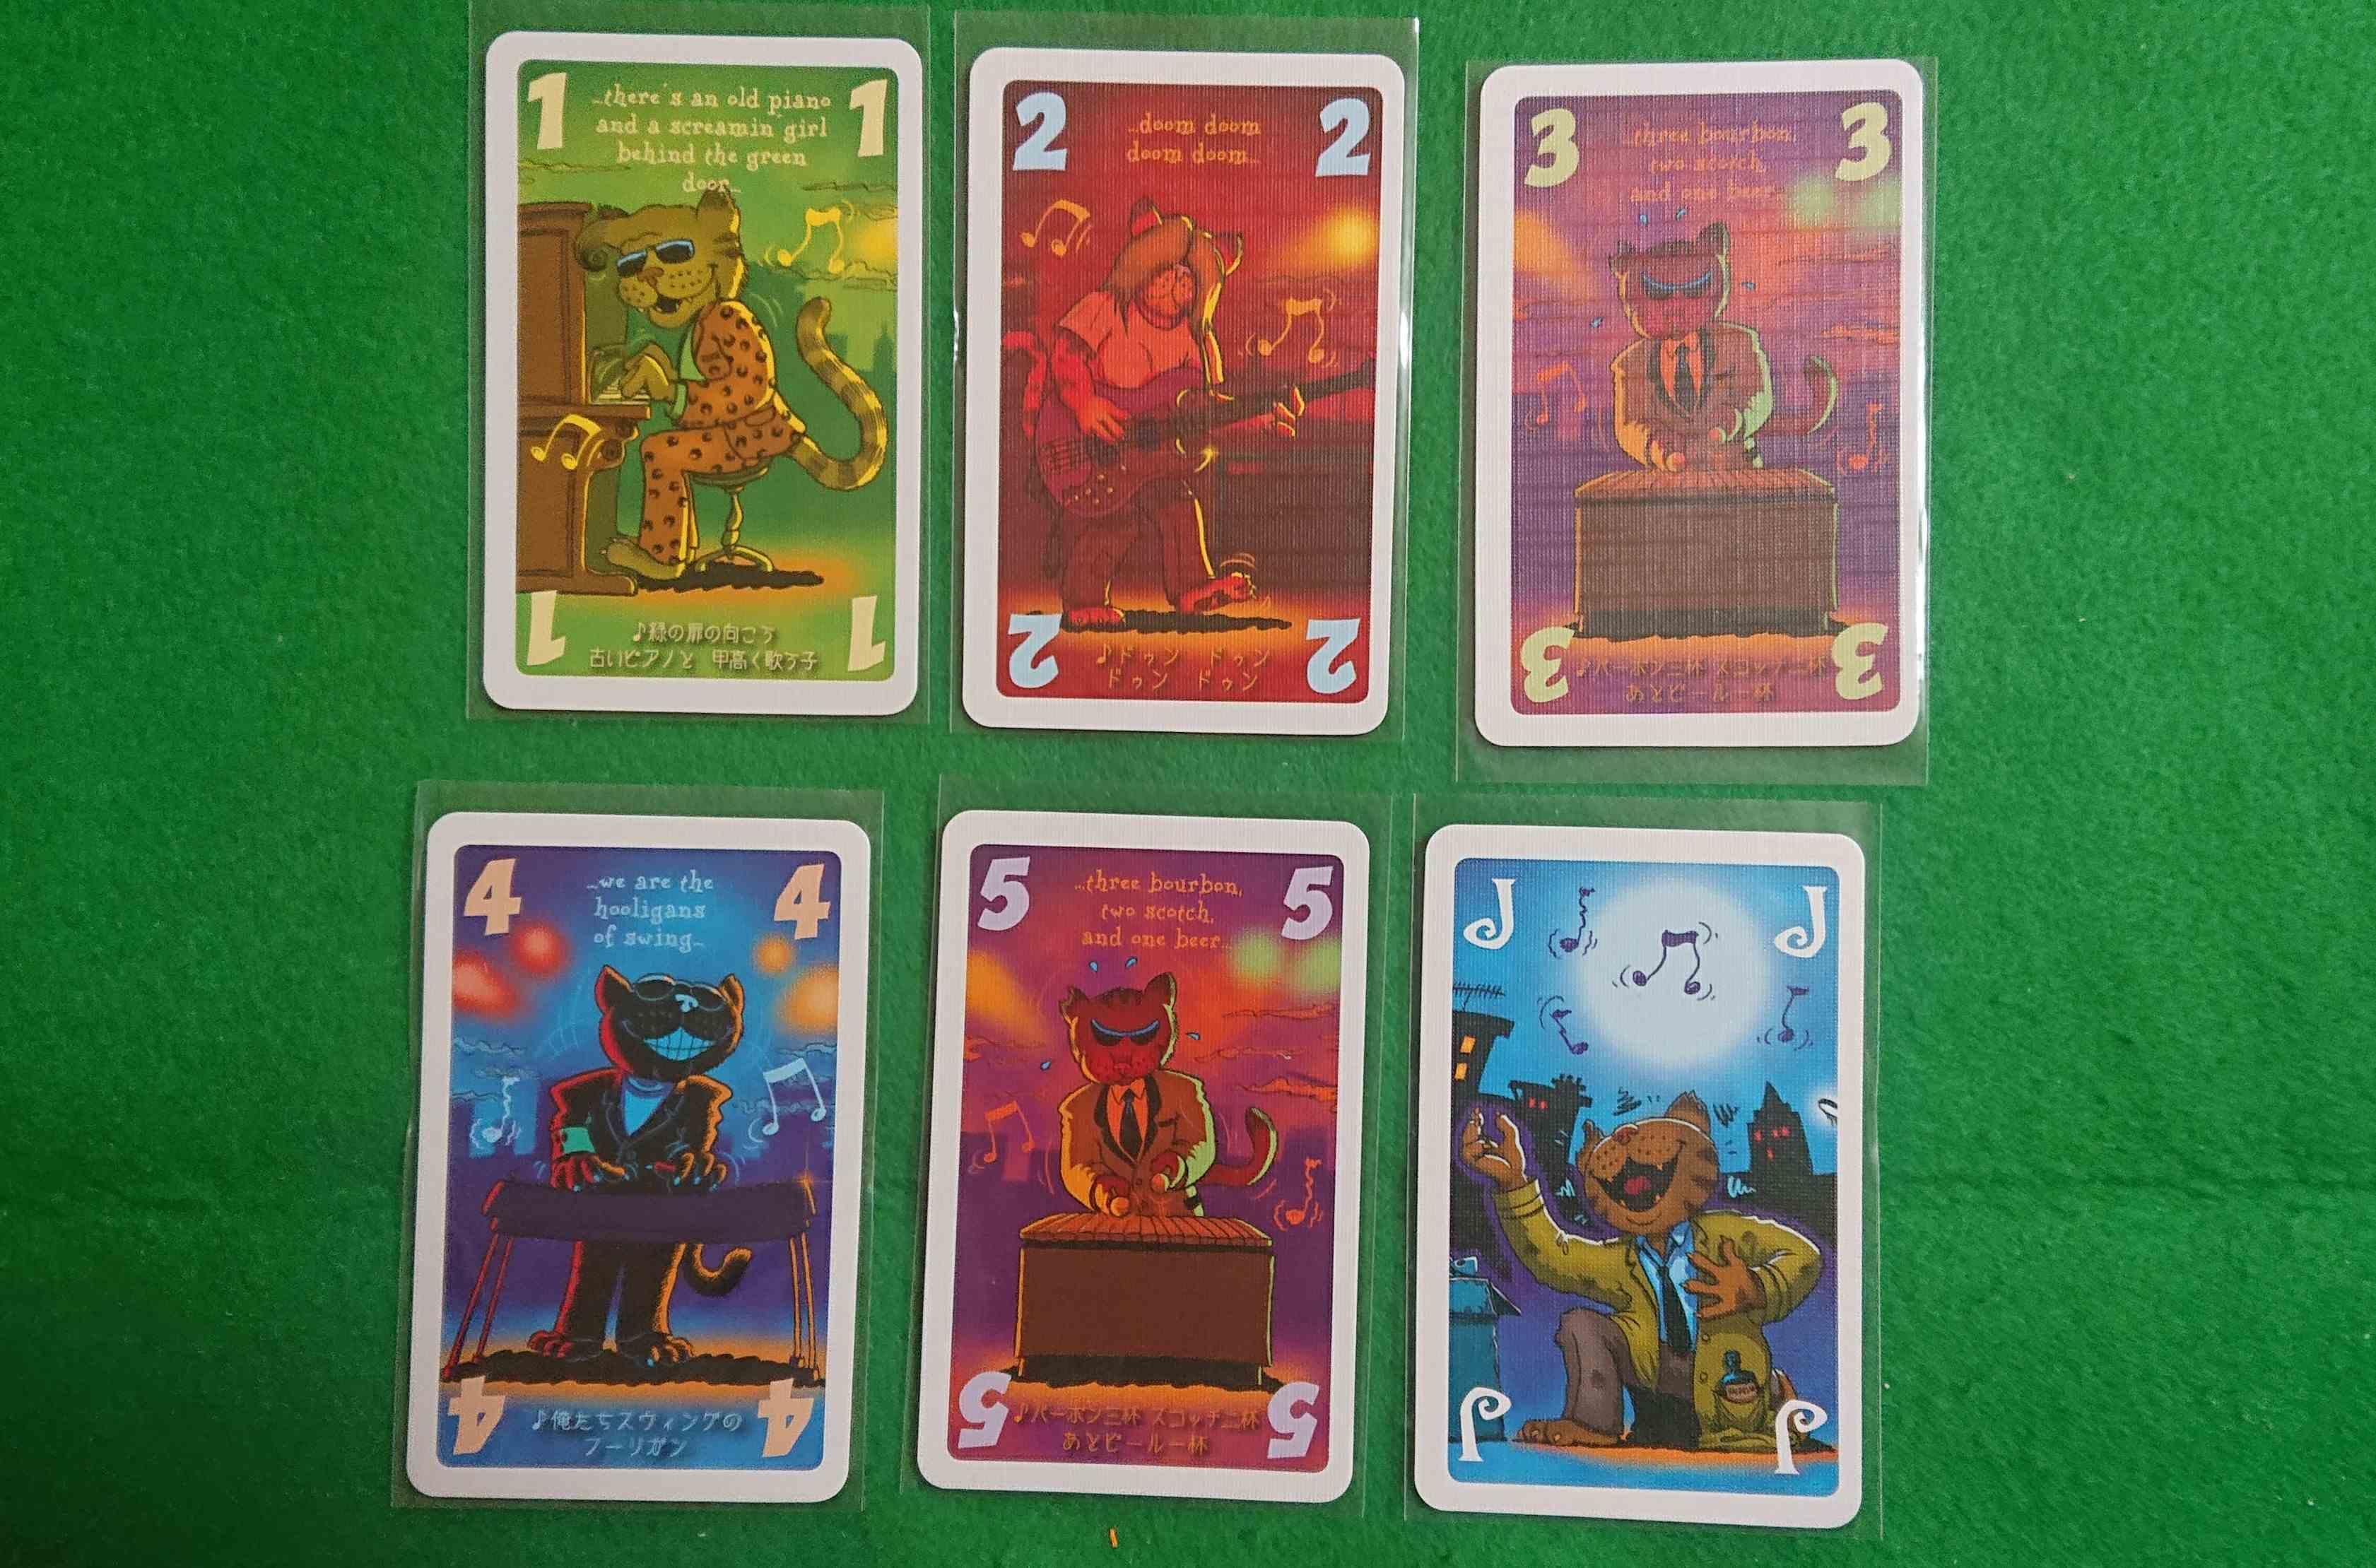 酔いどれ猫のブルース 猫カードで猫カードを競る?不思議な感覚のカードゲーム 名作 ボードゲーム